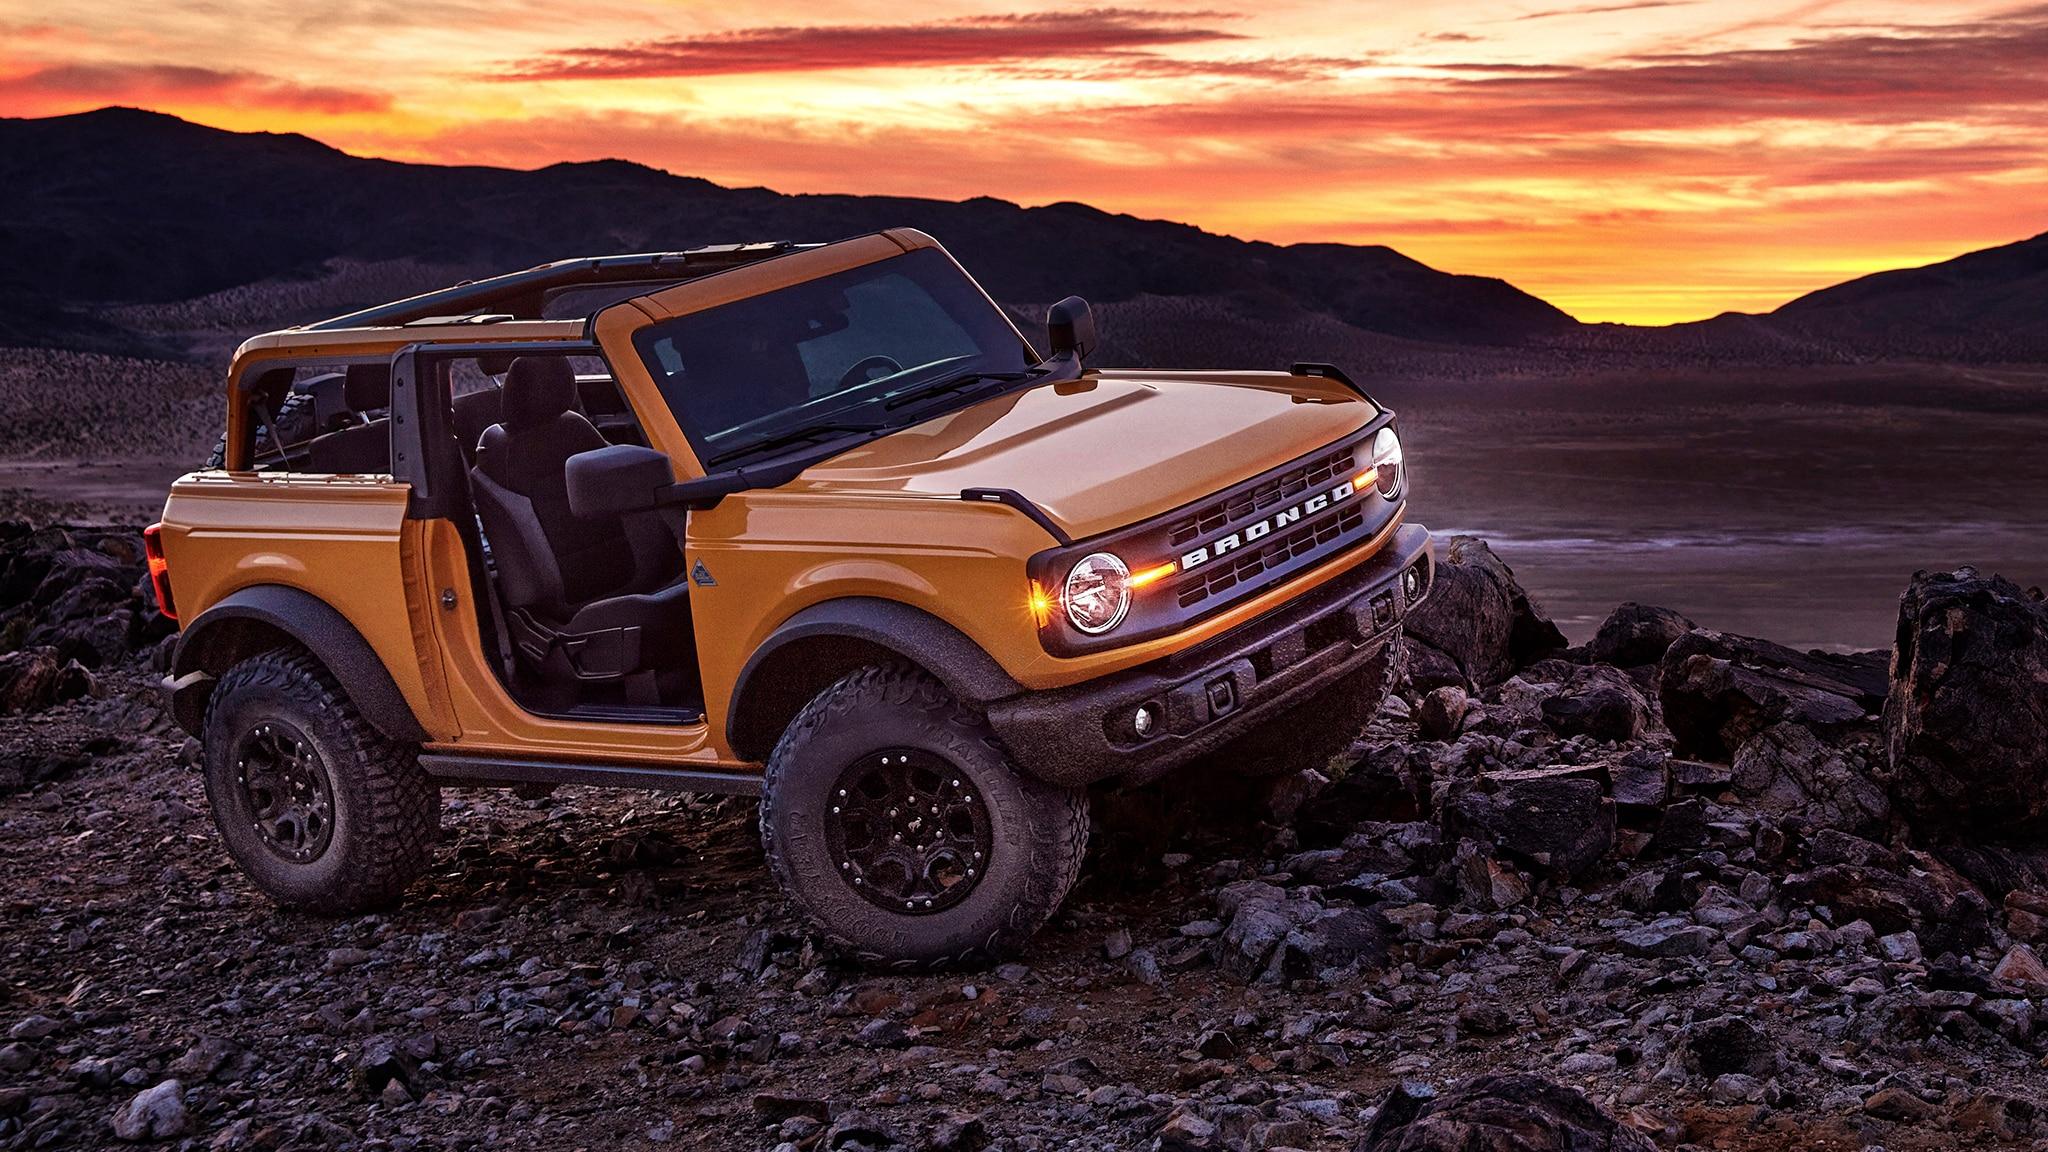 2021-Ford-Bronco-2-Door-exterior-1.jpg